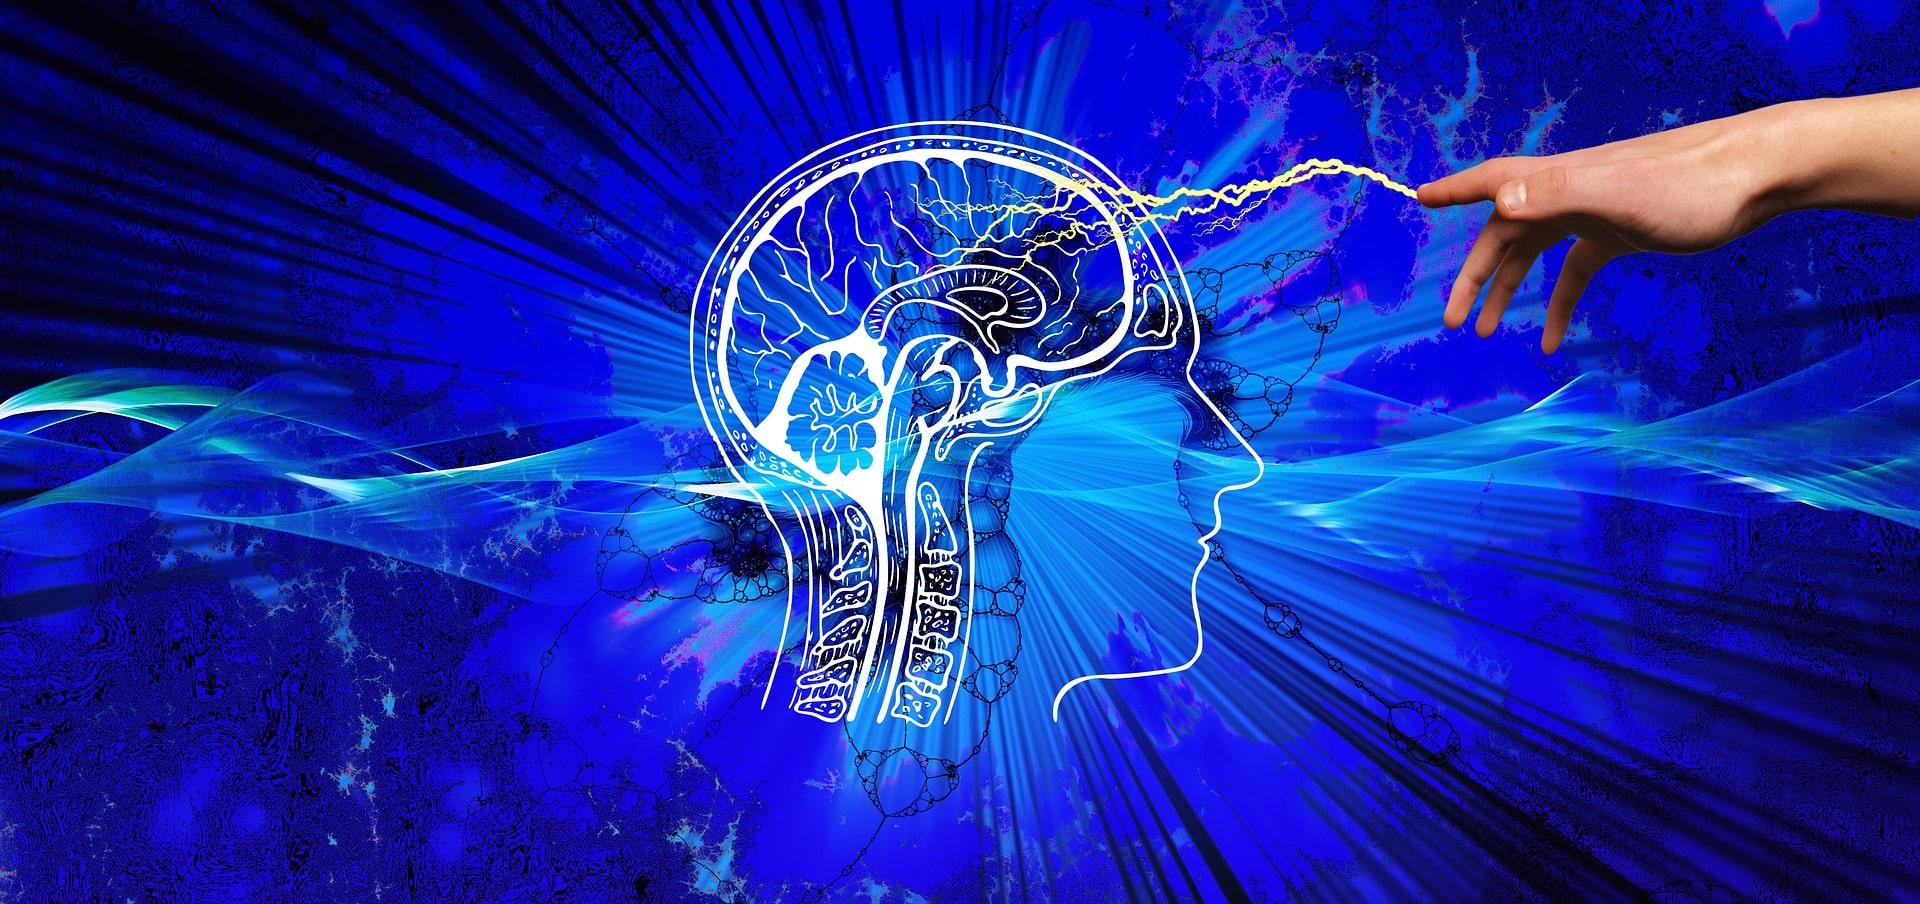 Učenje novih jezika moglo bi u budućnosti postati puno lakše uz slušalice za lakše učenje